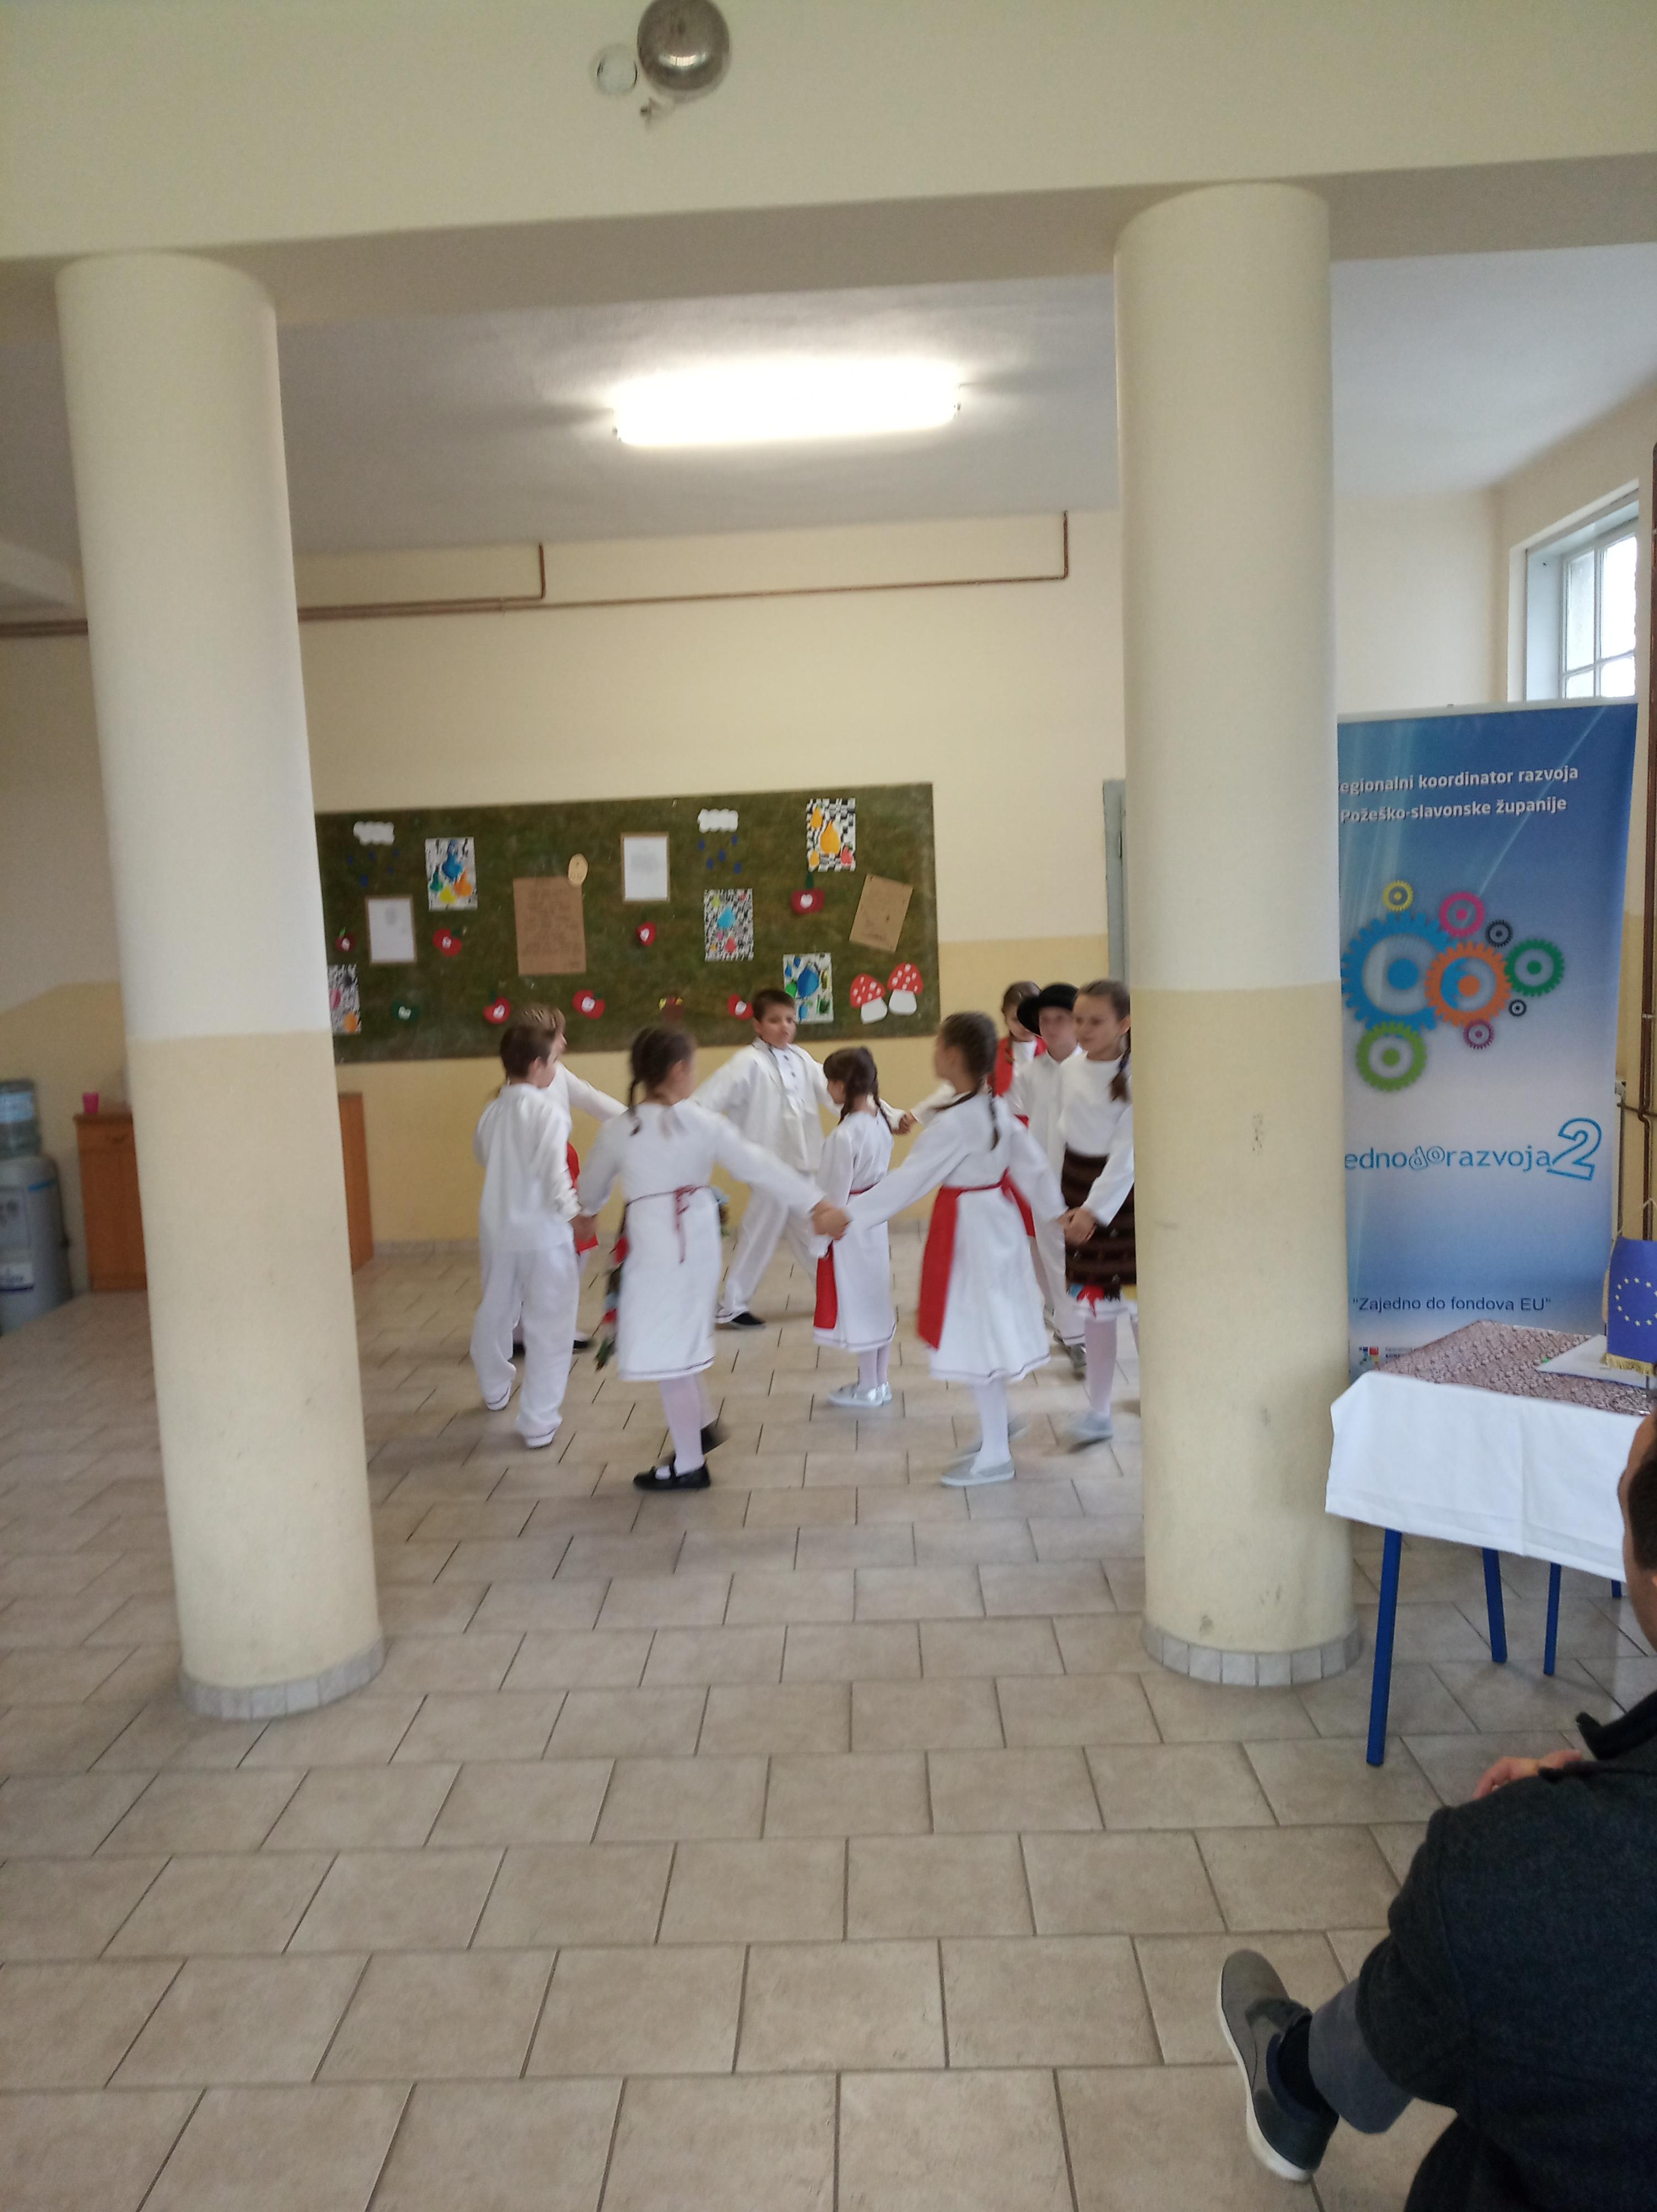 Prigodni program učenika Područne škole Badljevina